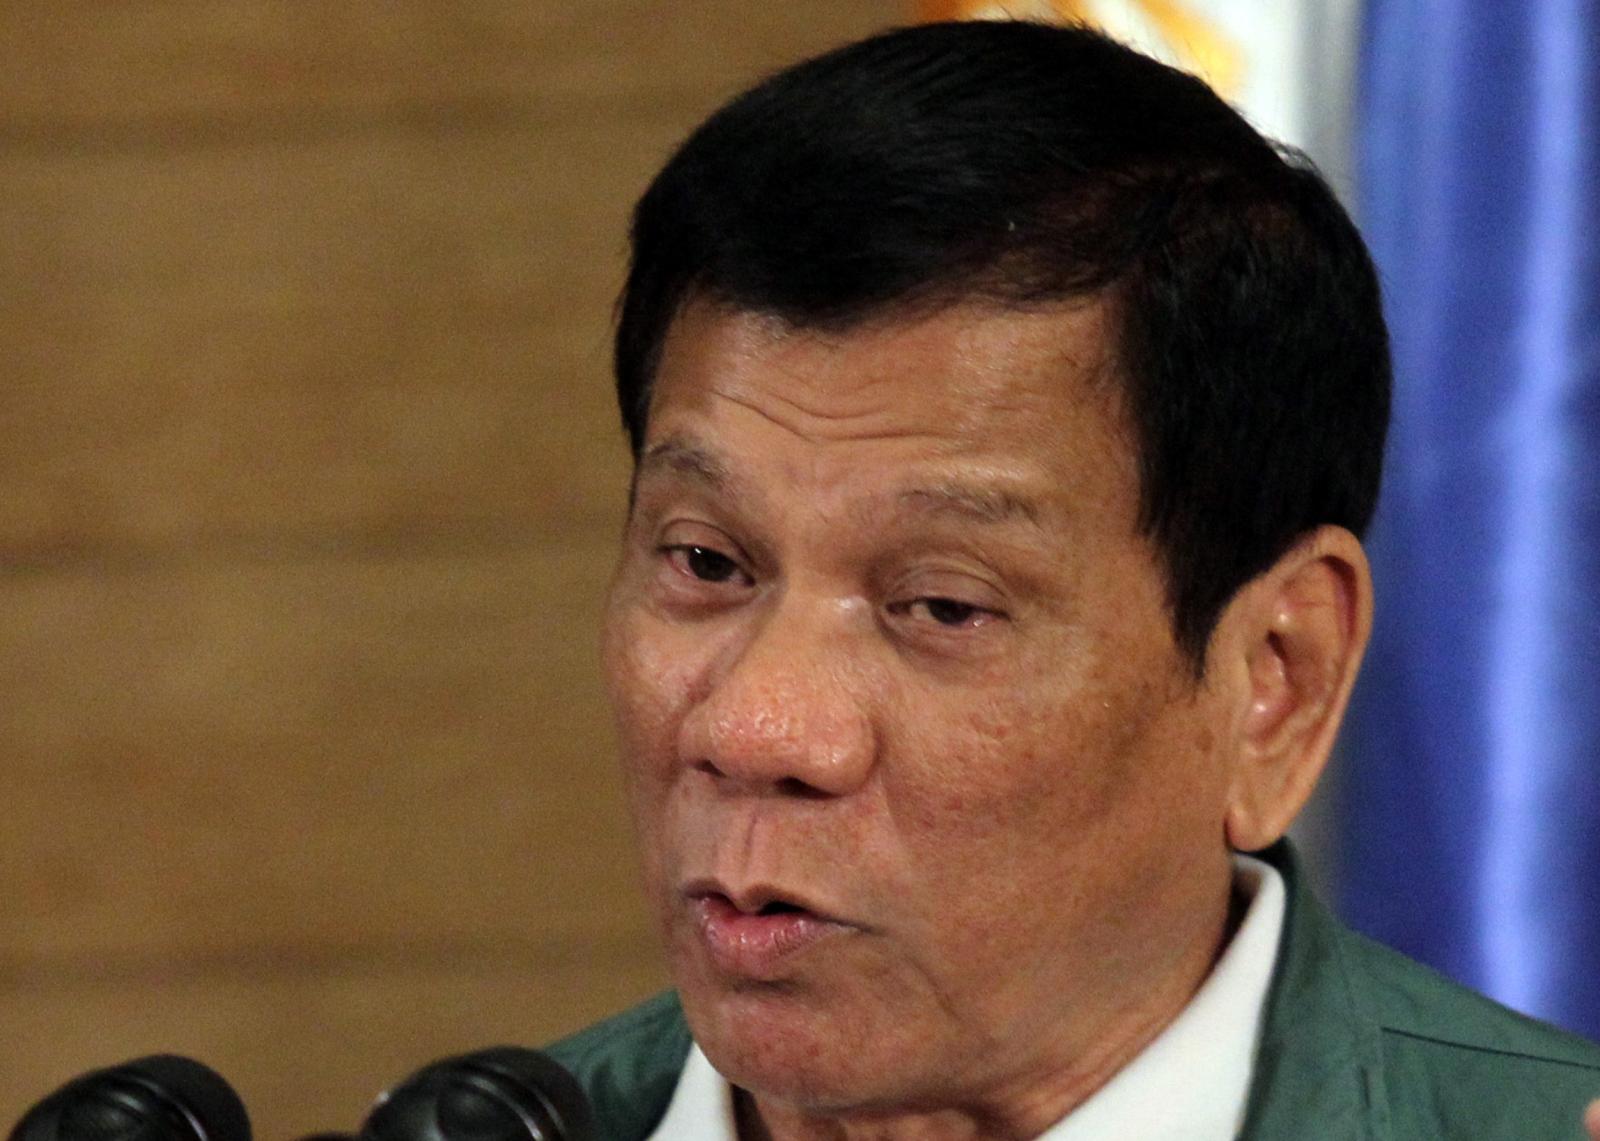 Philippines President Duterte